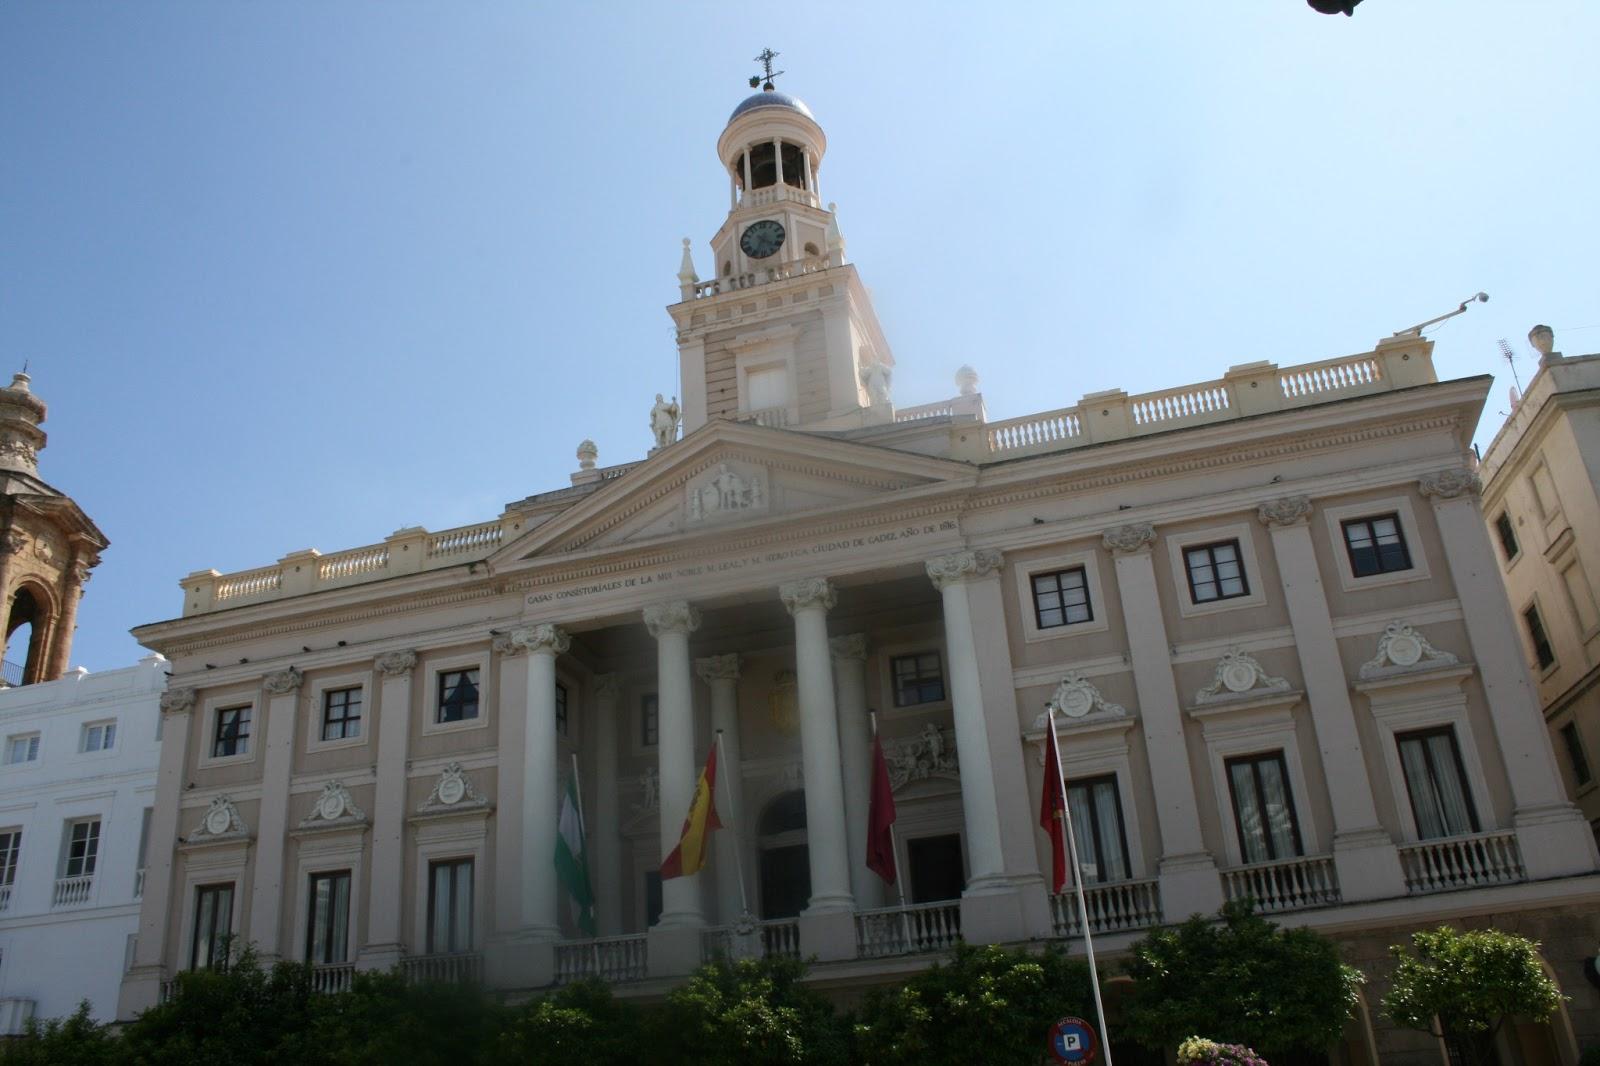 Maravillas ocultas de espa a de cadiz a granada cadiz la for Ayuntamiento de cadiz recogida de muebles